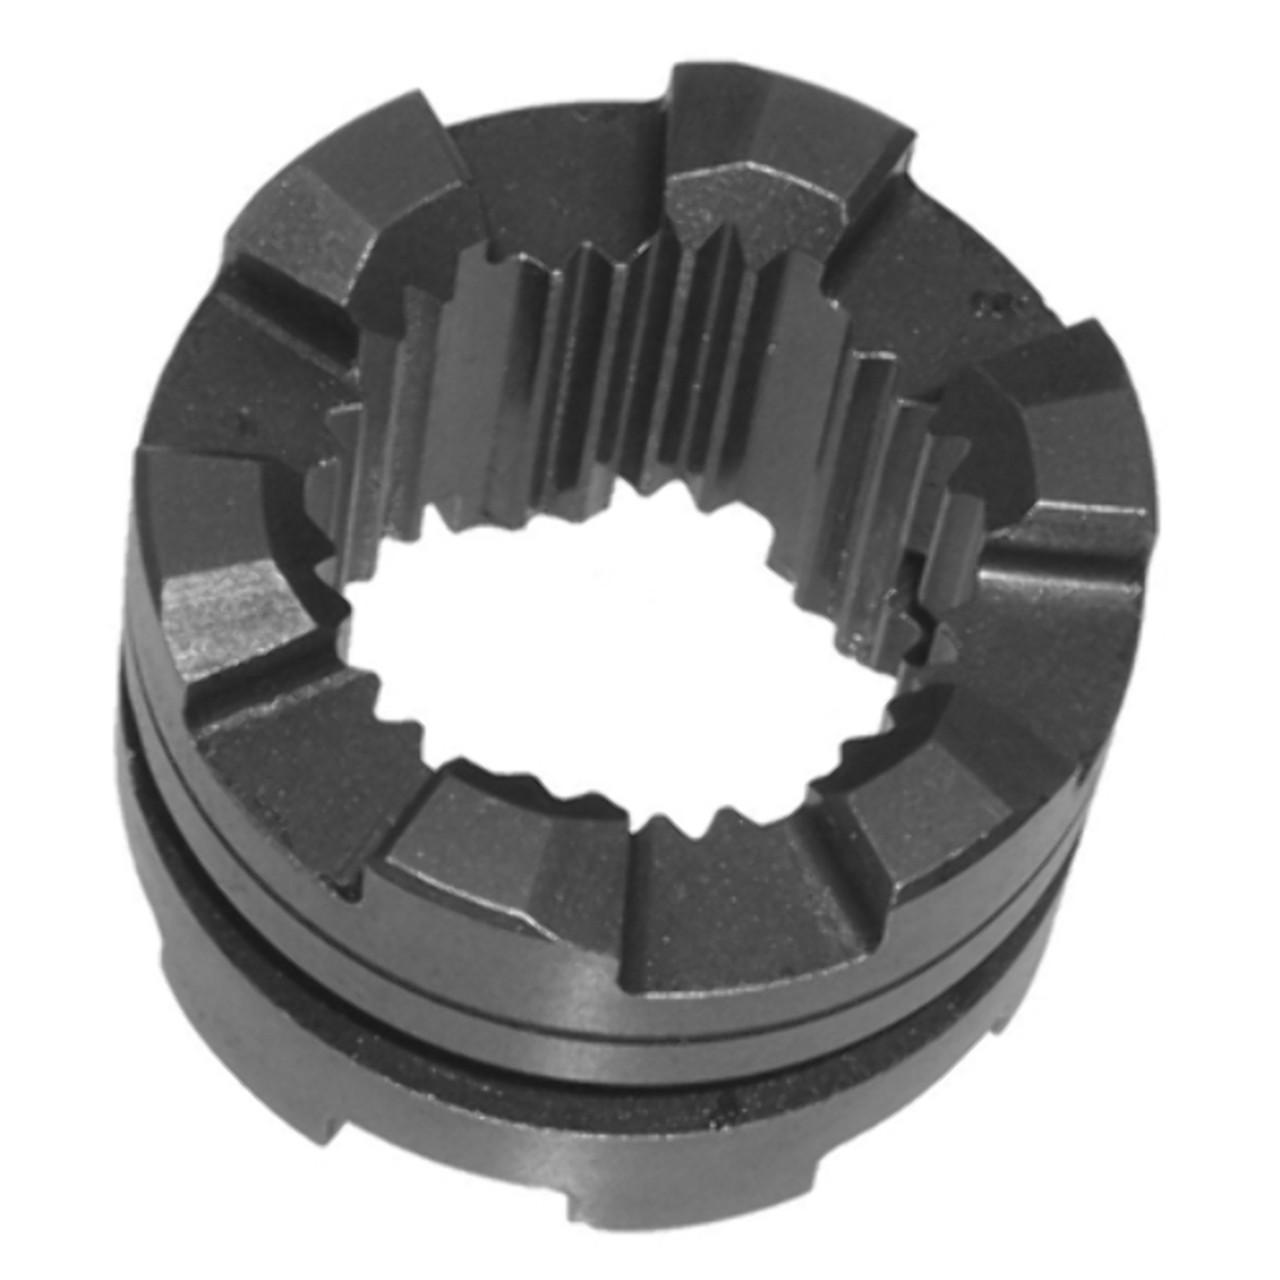 hight resolution of johnson evinrude stringer 4 cylinder v6 v8 1992 1993 clutch dog 915272 0914716 happiemac marine